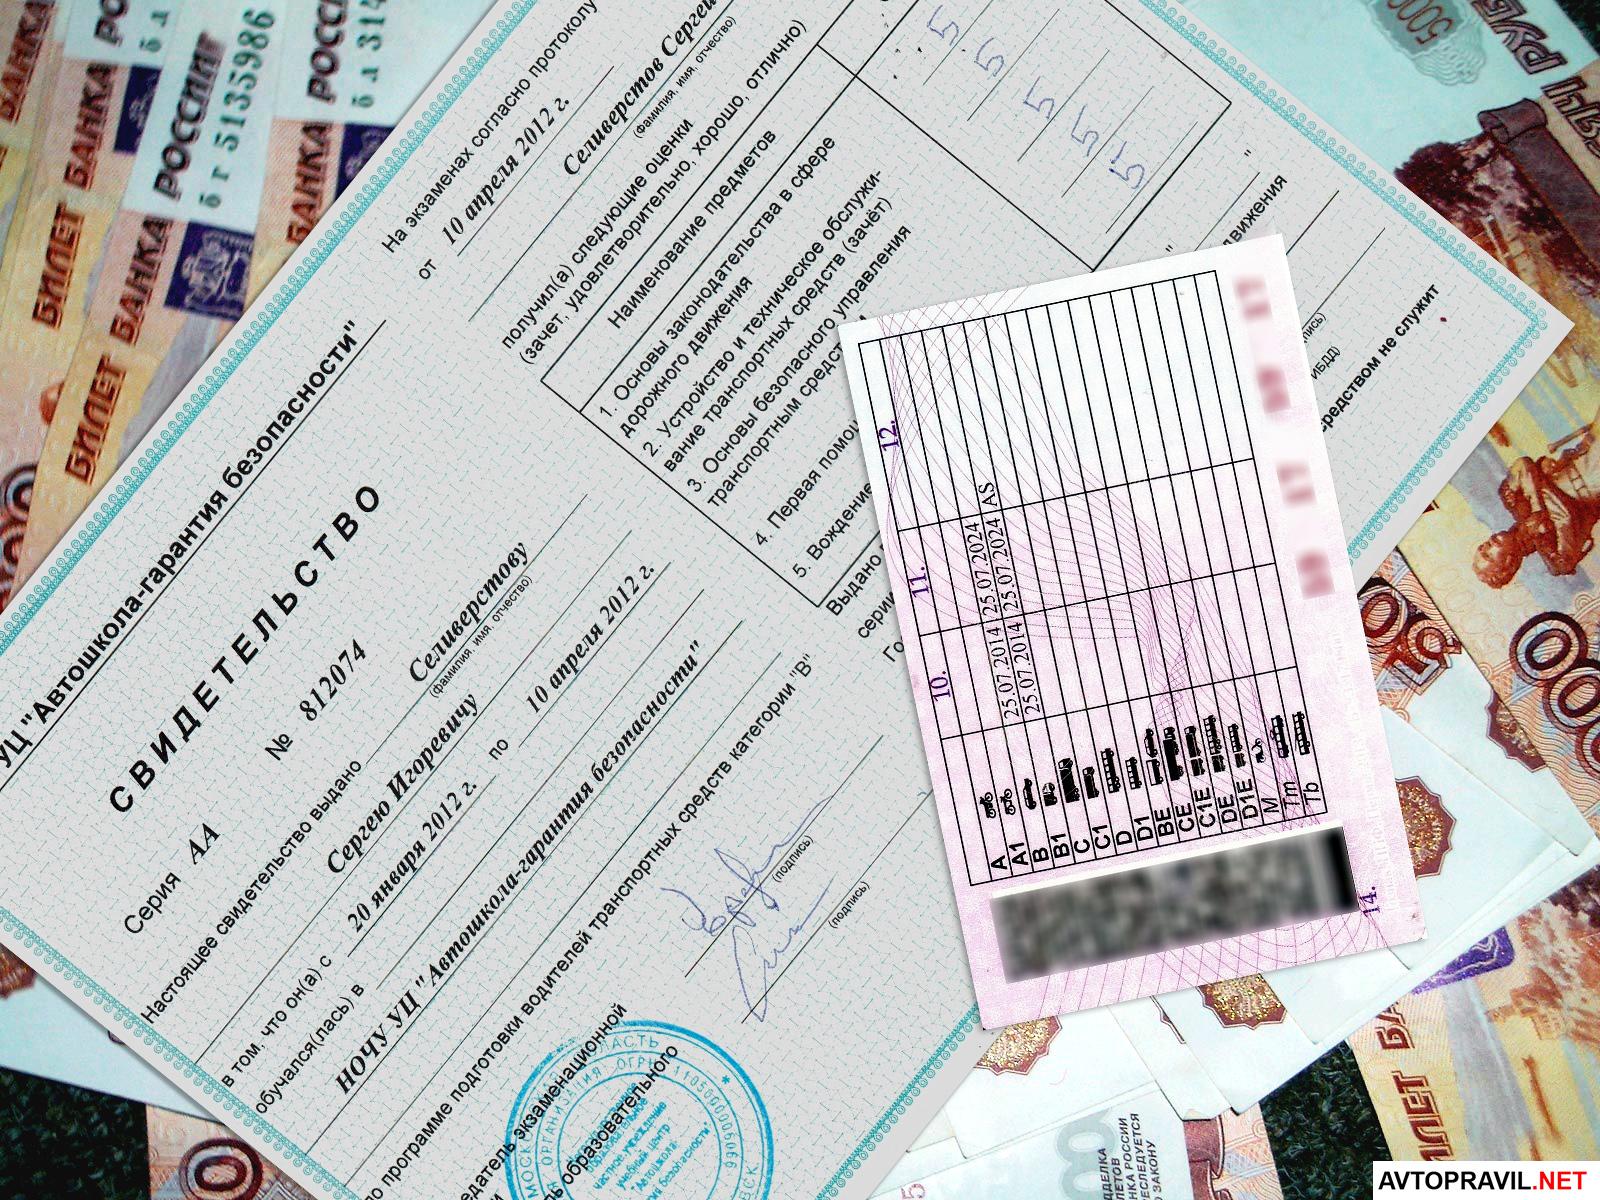 Получение прав после сдачи экзамена в ГАИ в 2019 году